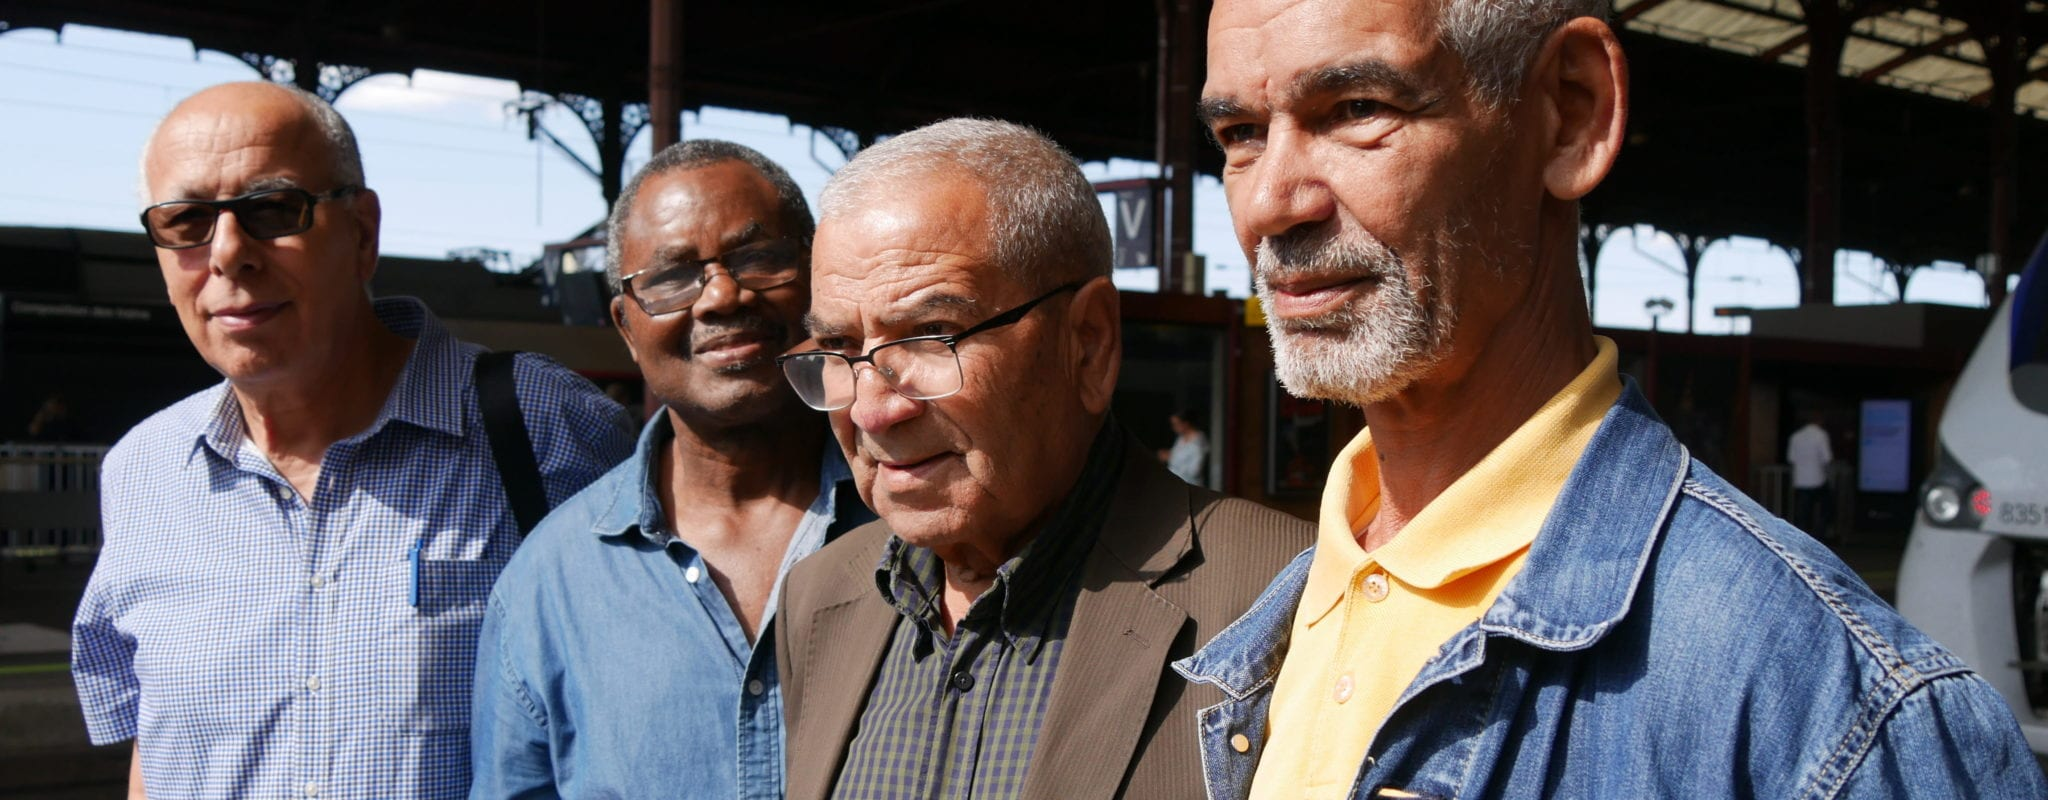 Discriminés par la SNCF, des chibanis condamnés à l'injustice